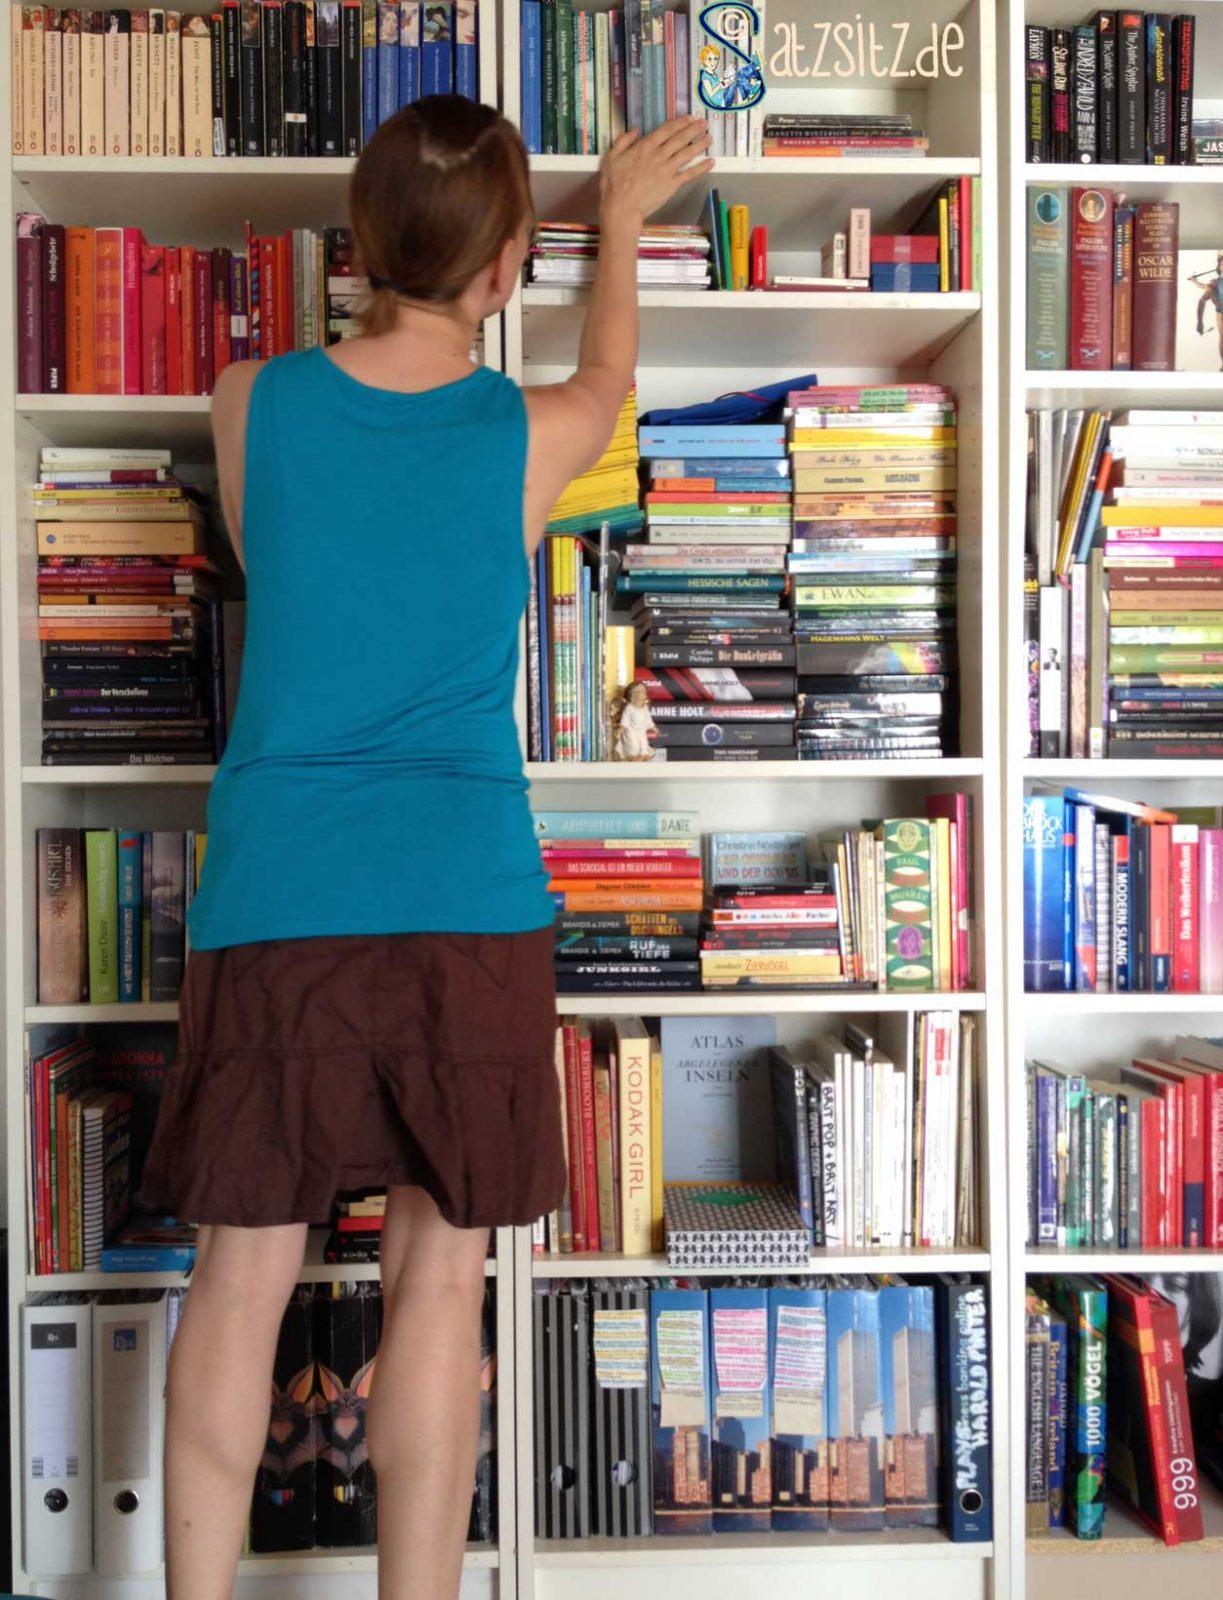 das A&= vor dem Dreier-Bücherregal